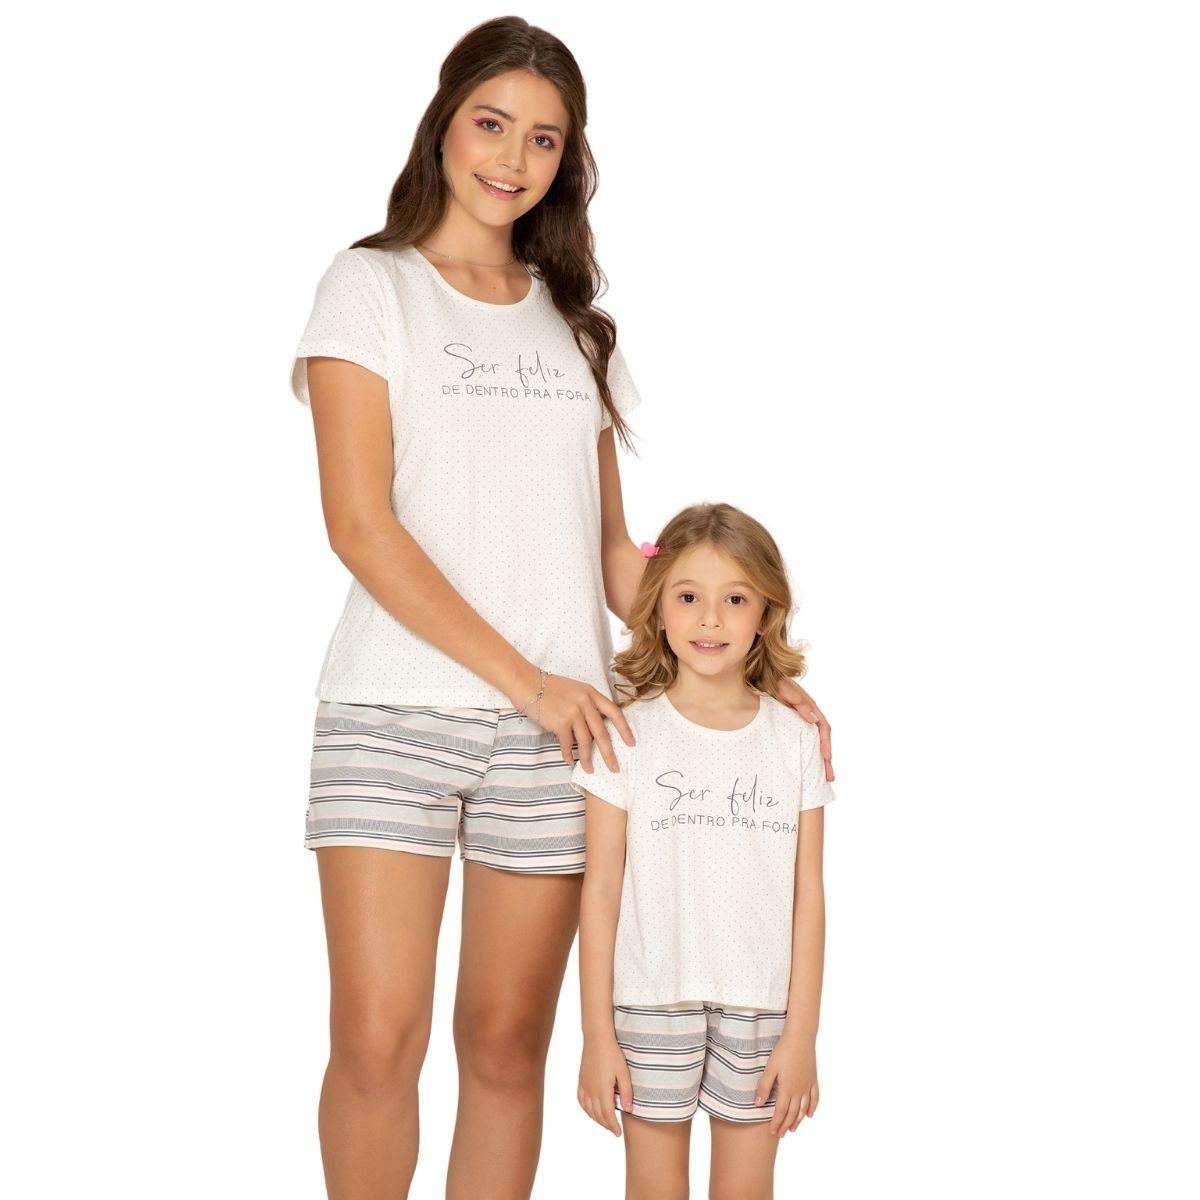 Pijama infantil de algodão menina blusa c/manga short doll